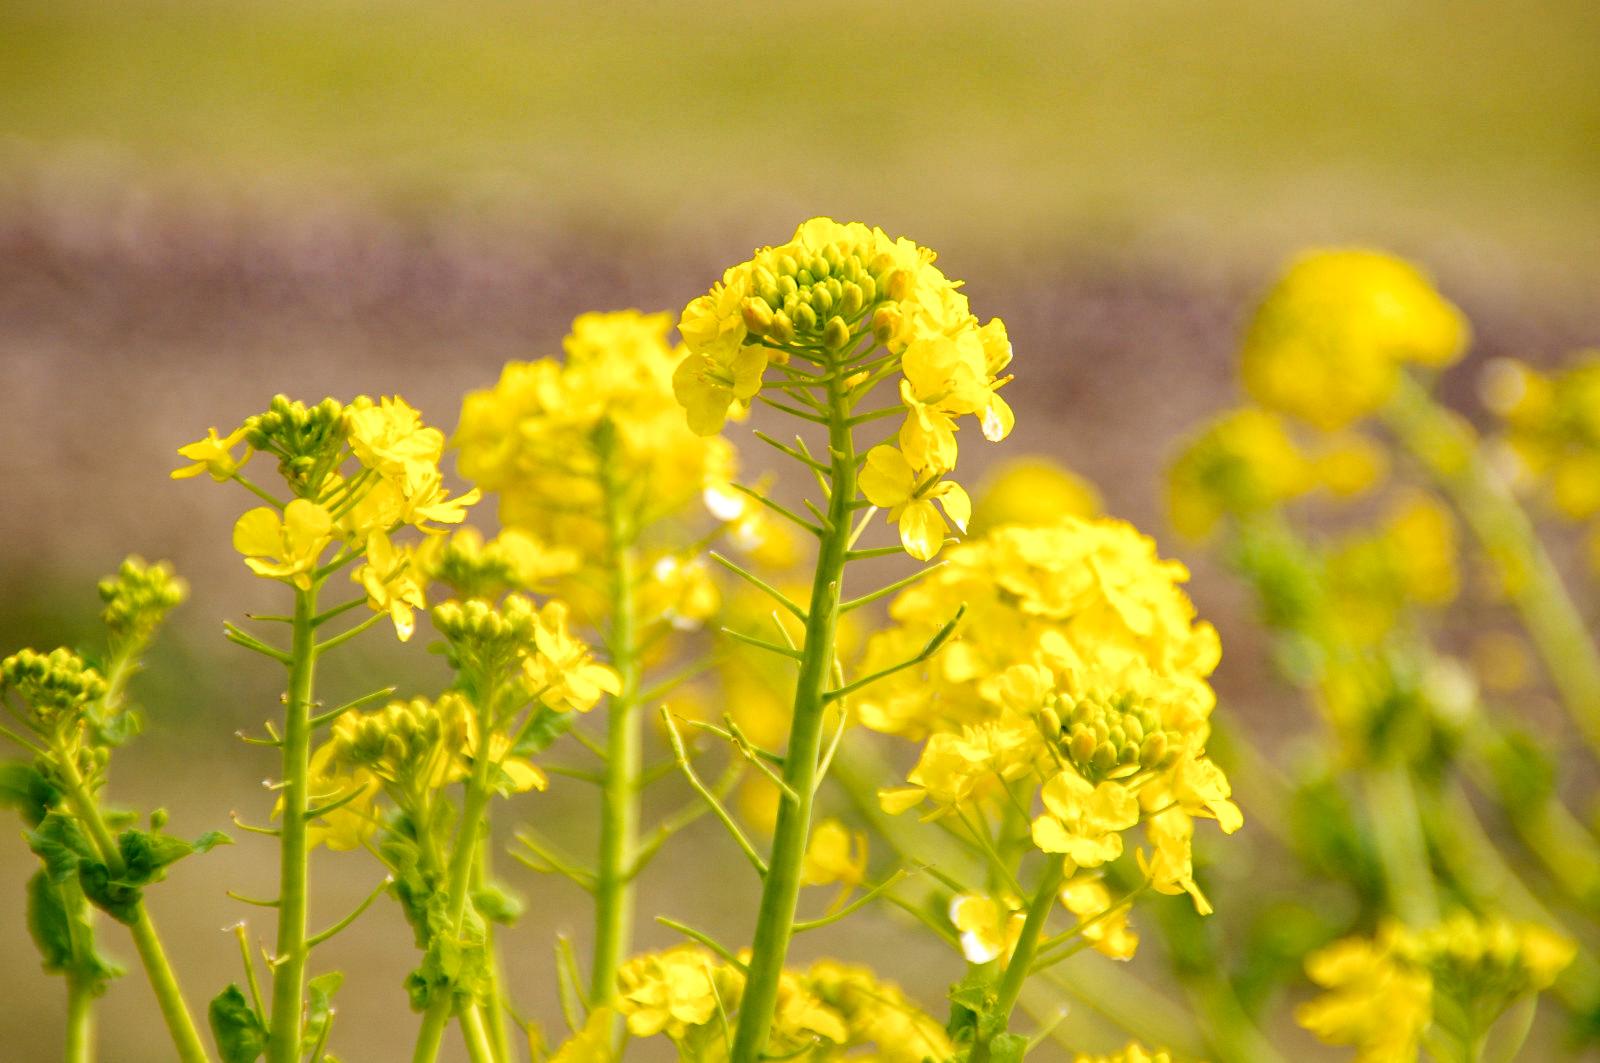 沿道に咲く菜の花